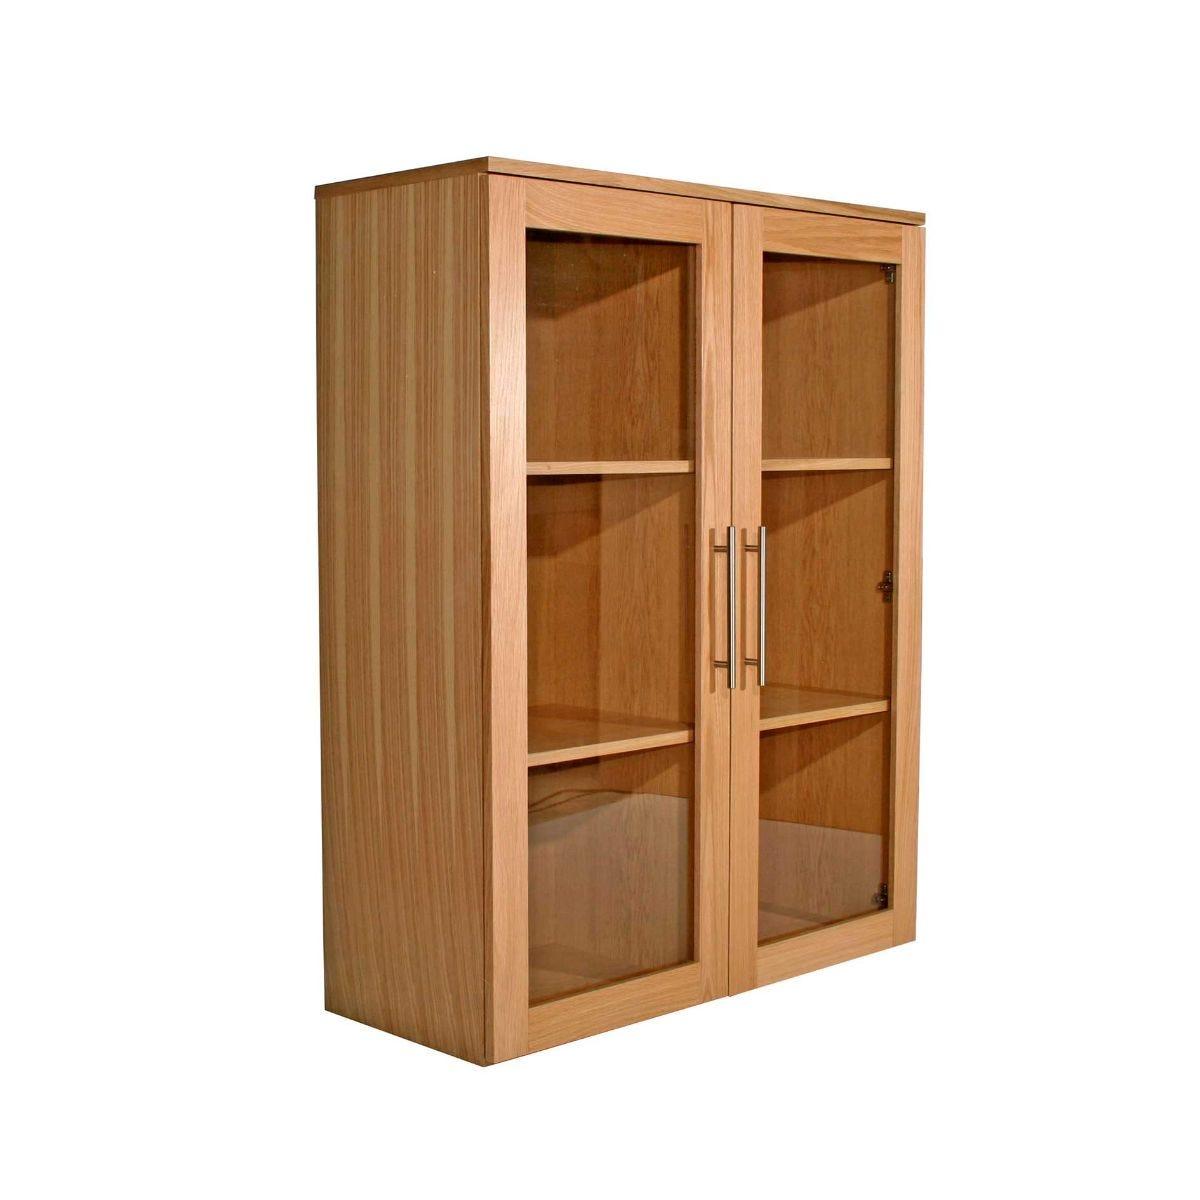 Oakwood AW6326-WBC Wide Glazed Bookcase H1150xW900xD360mm